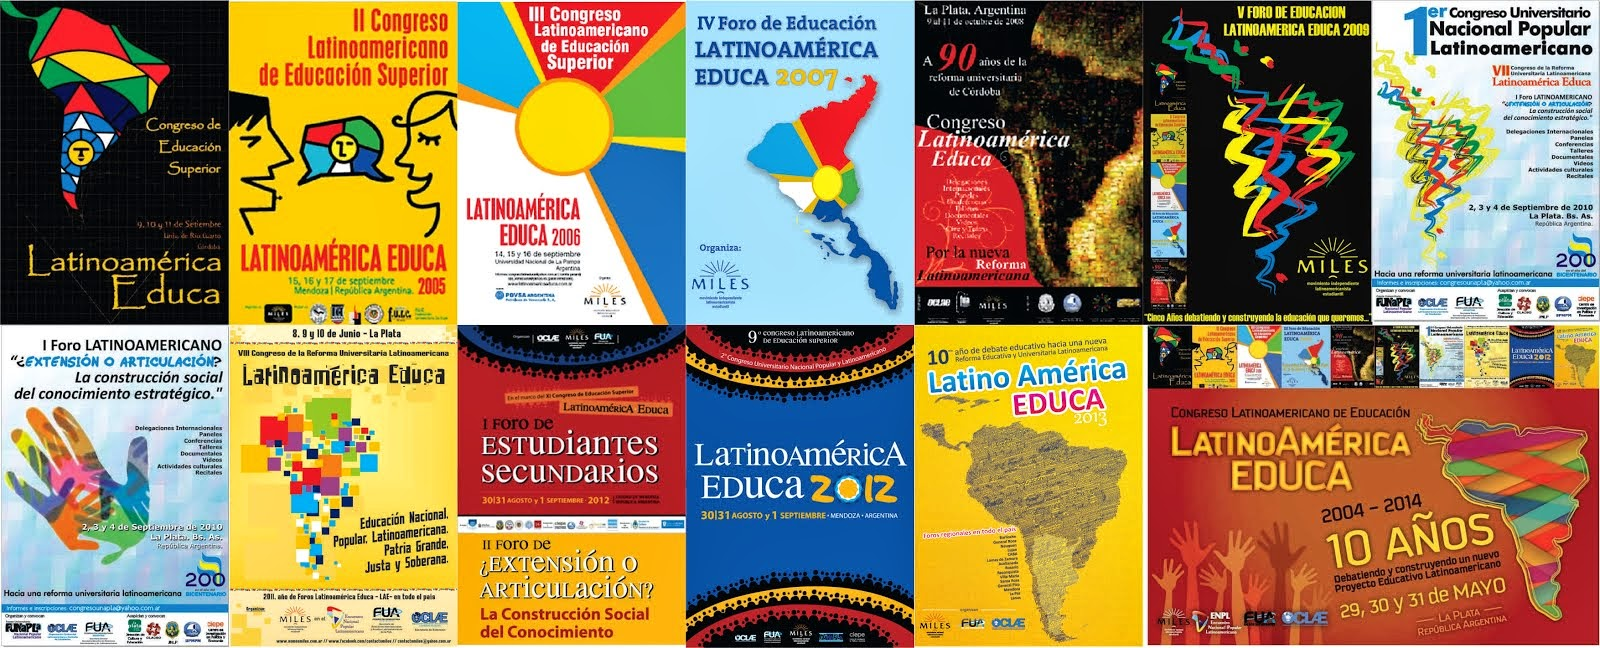 10 AFICHES - 10 AÑOS debatiendo un nuevo Proyecto Educativo